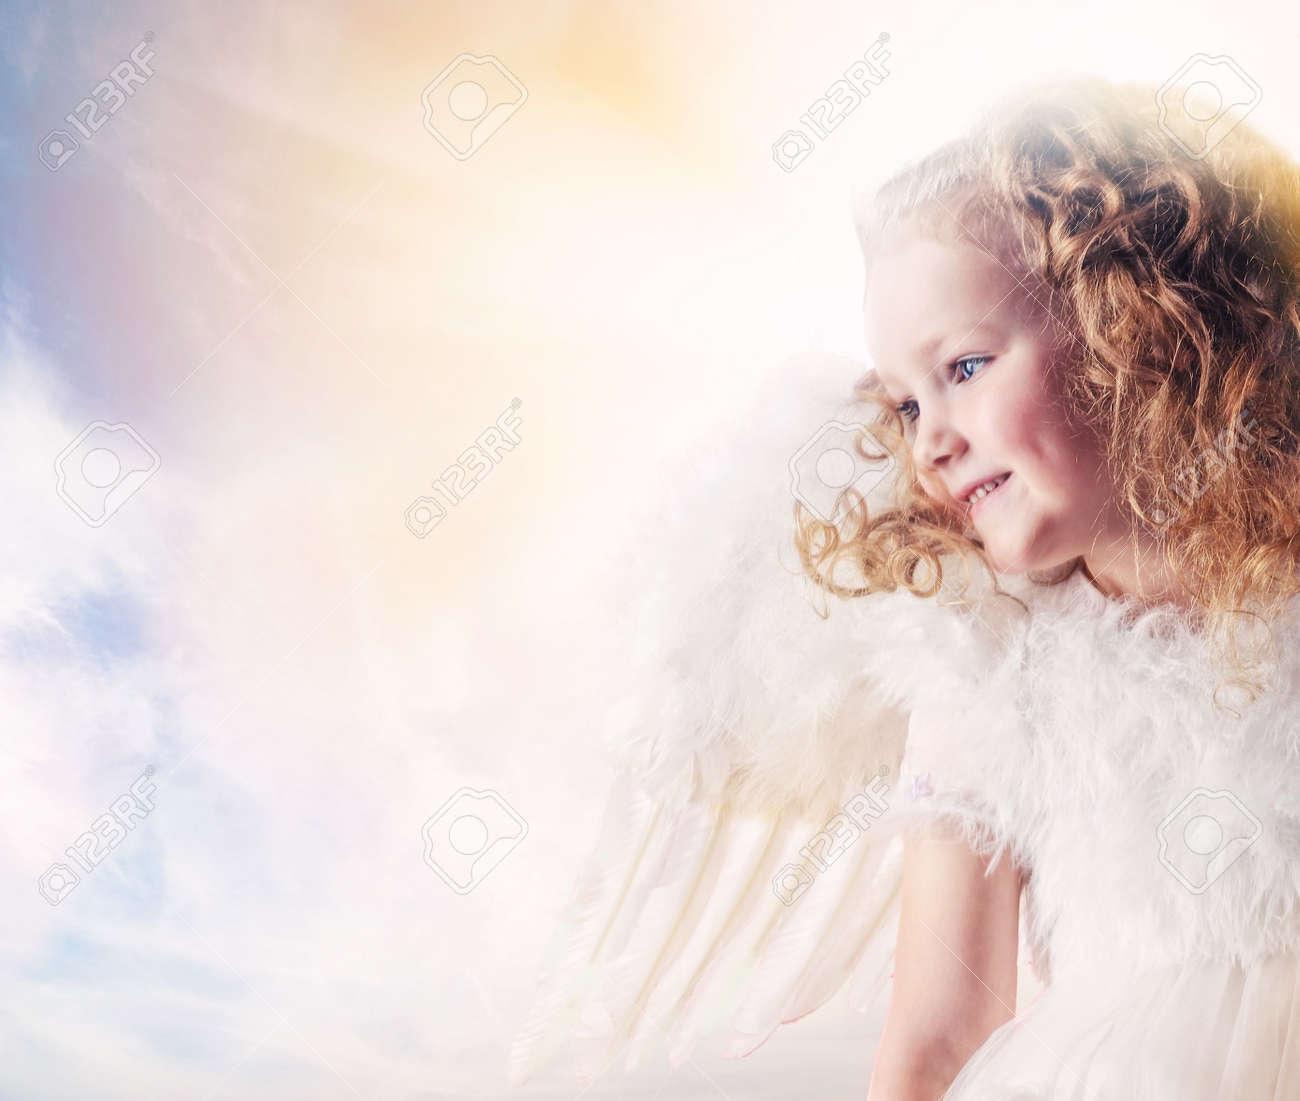 Little angel girl against sunny sky Stock Photo - 6786841